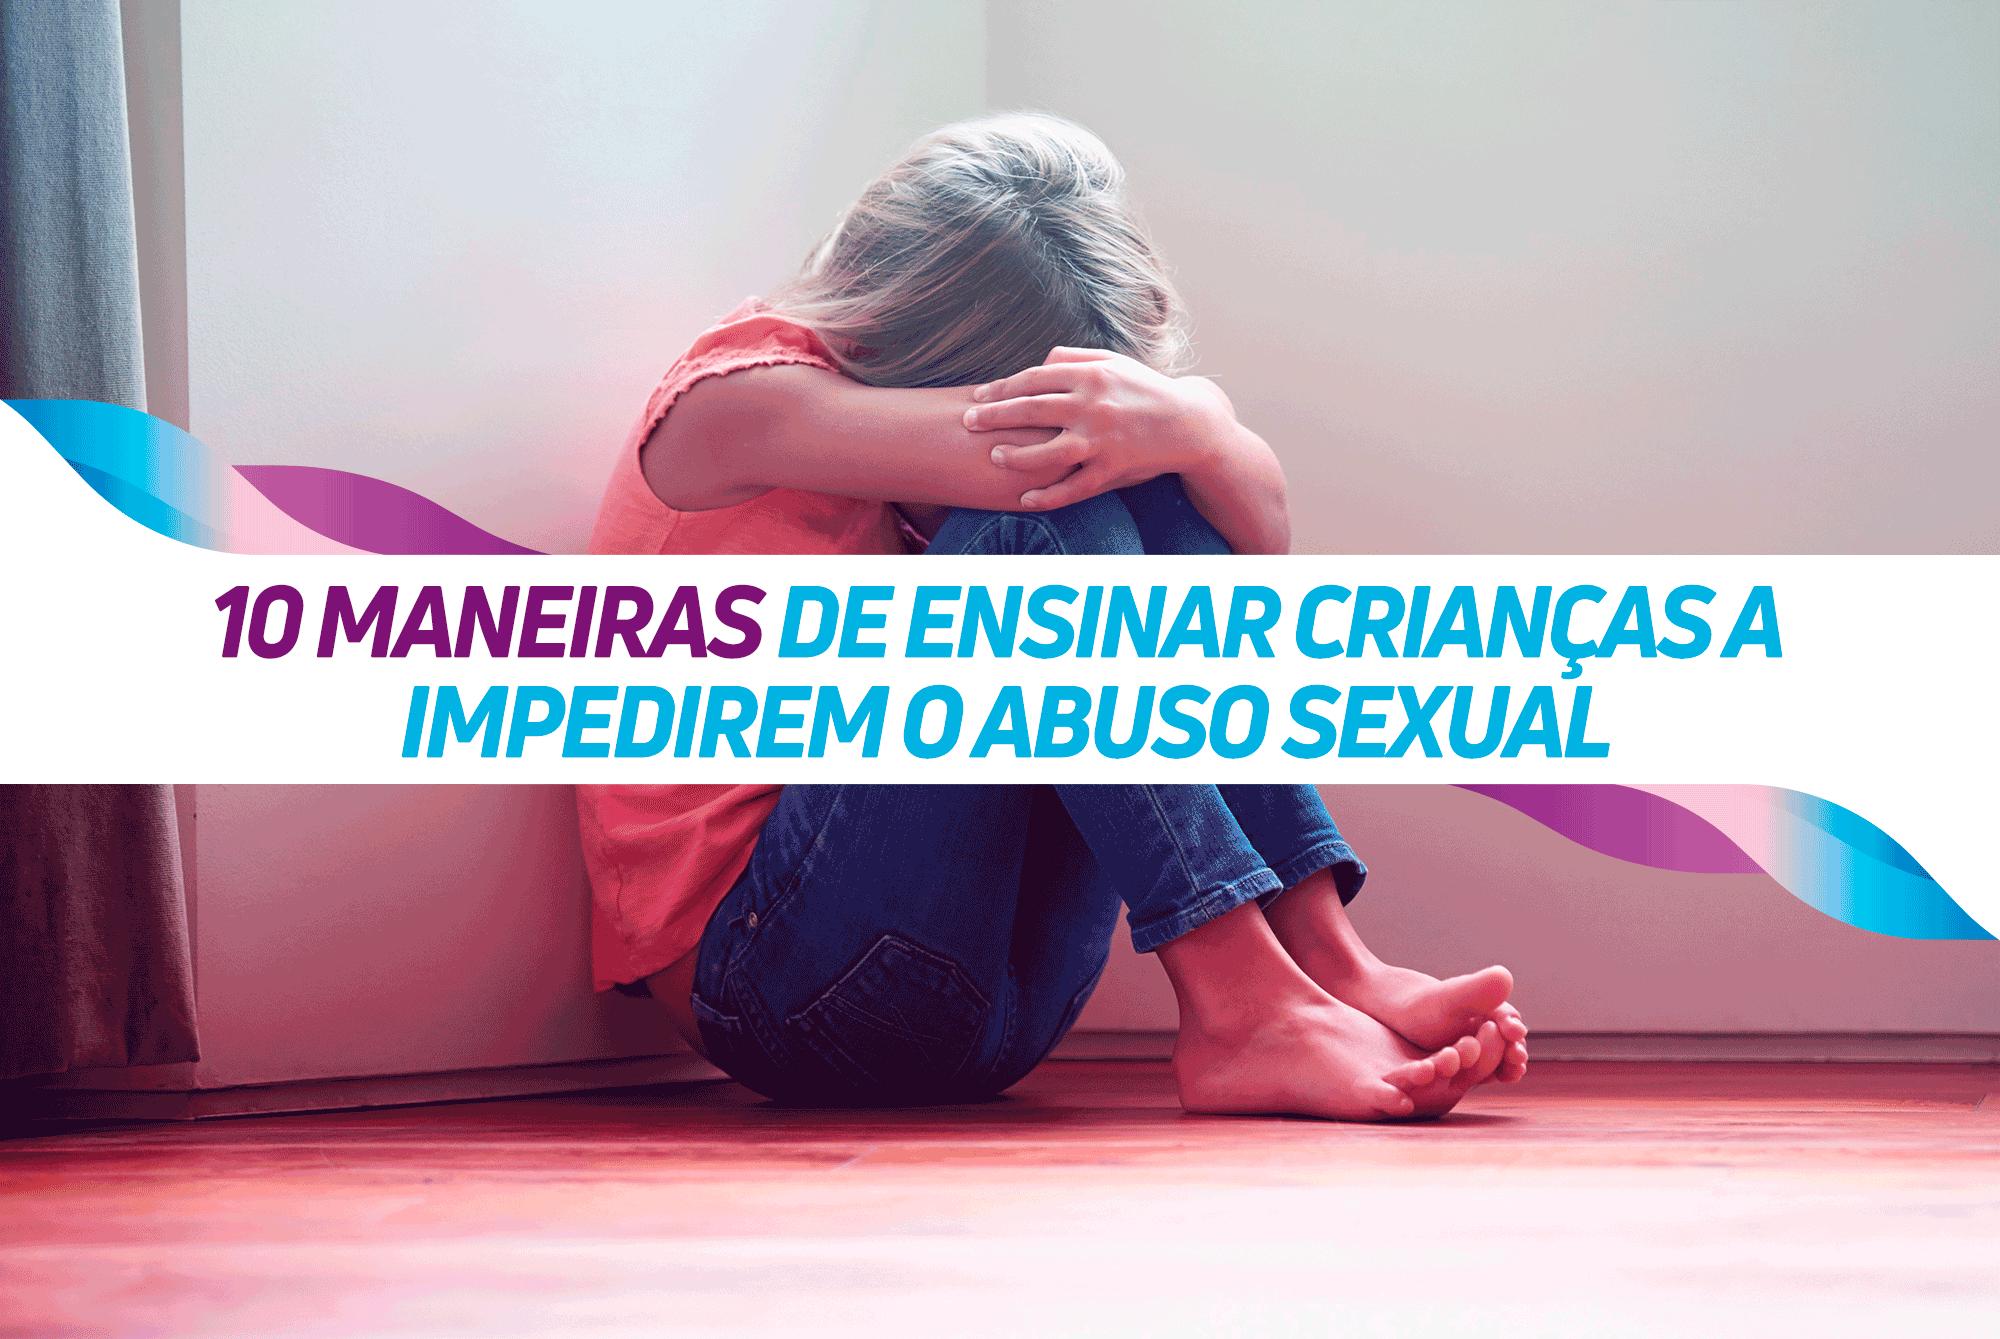 10 MANEIRAS DE ENSINAR CRIANÇAS A IMPEDIREM O ABUSO SEXUAL